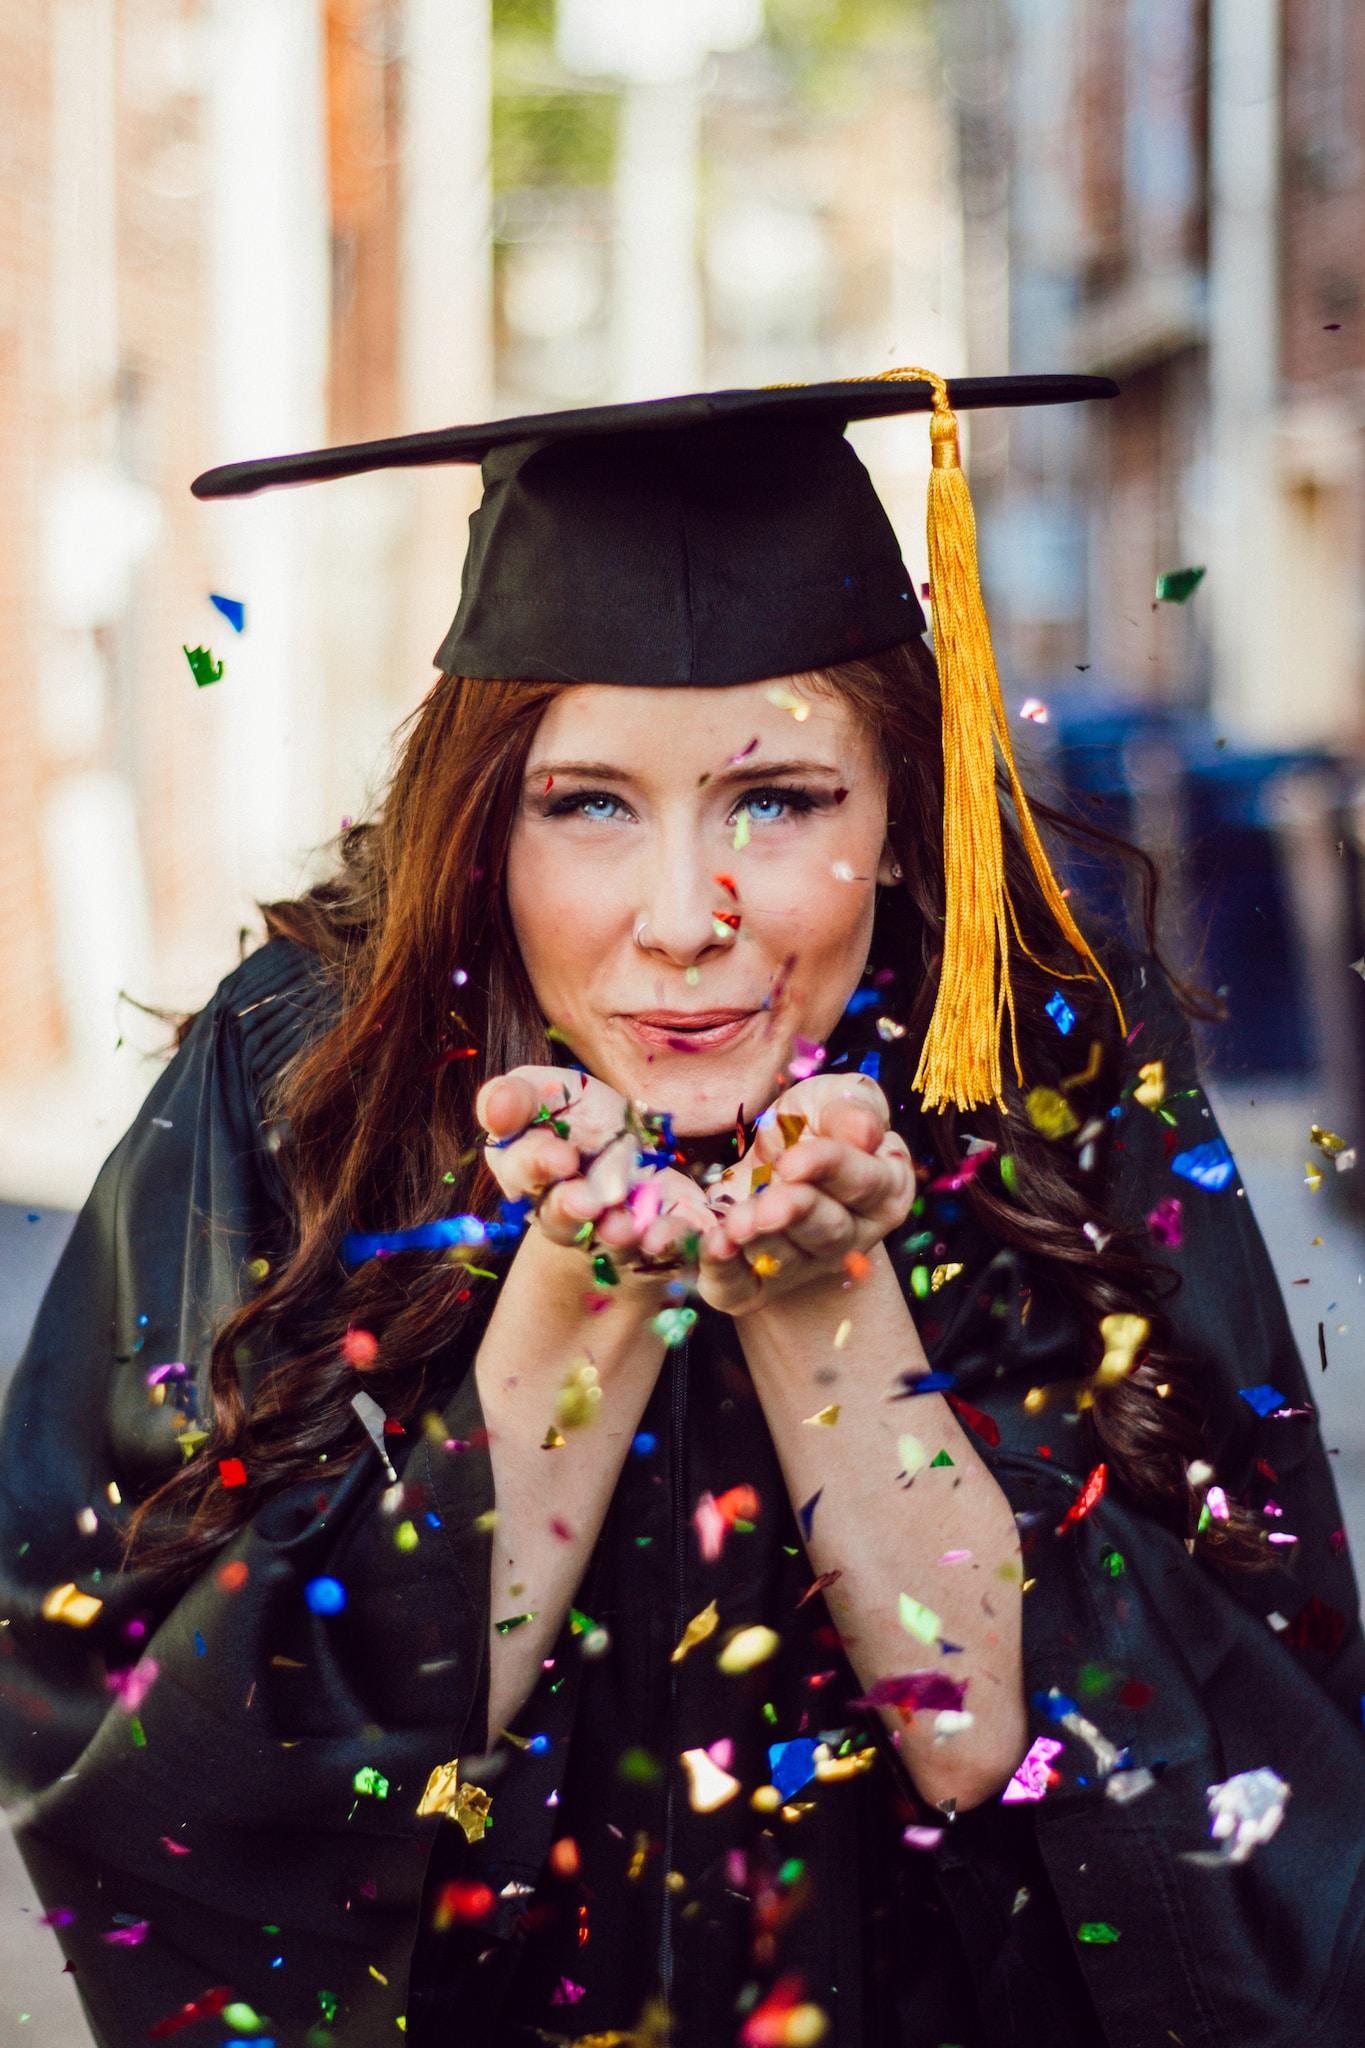 סטודנטית נושפת פתיתונים צבעוניים